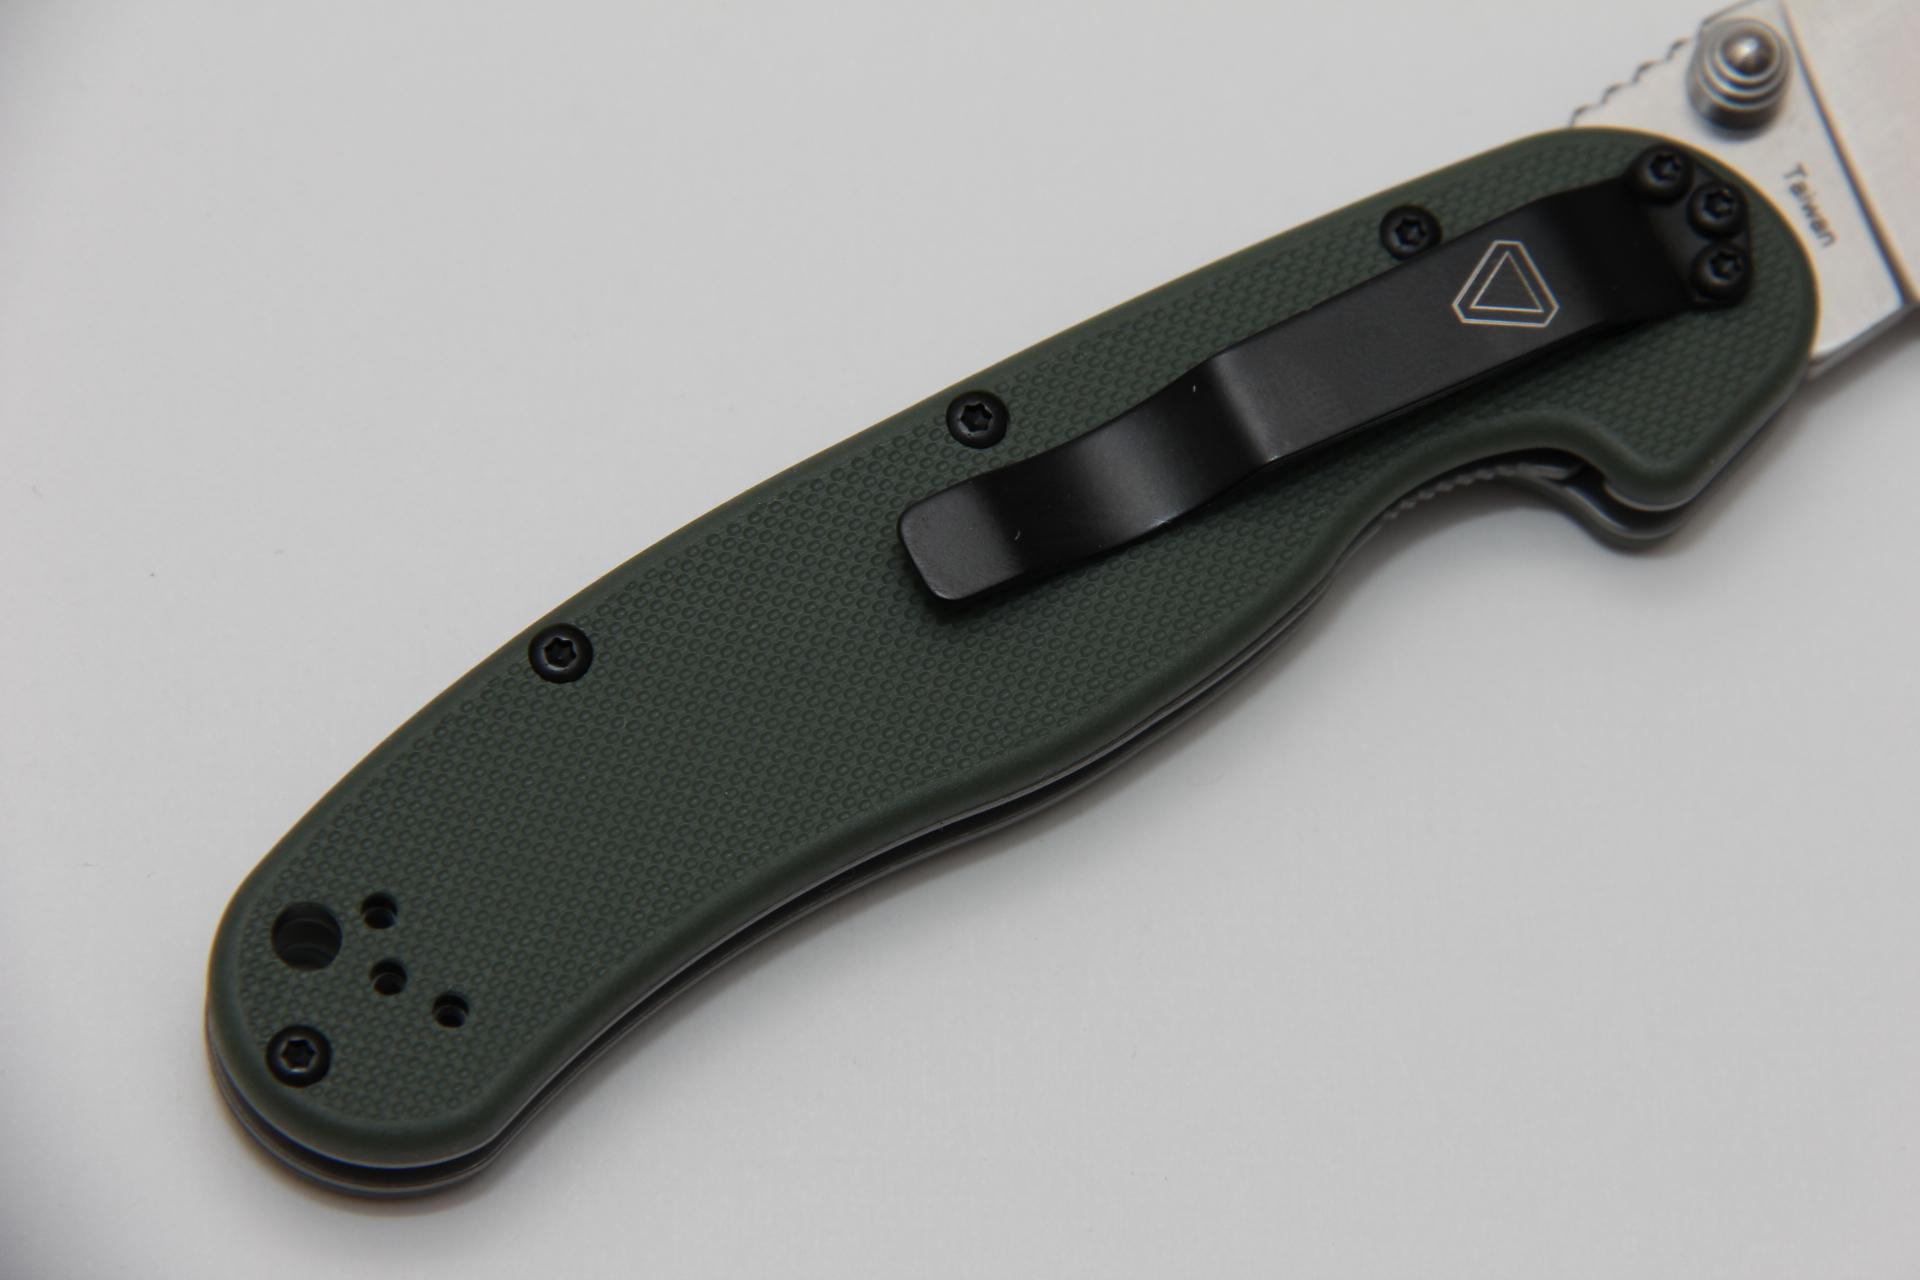 Нож Ontario Rat II folder ON8860OD зеленый - фотография